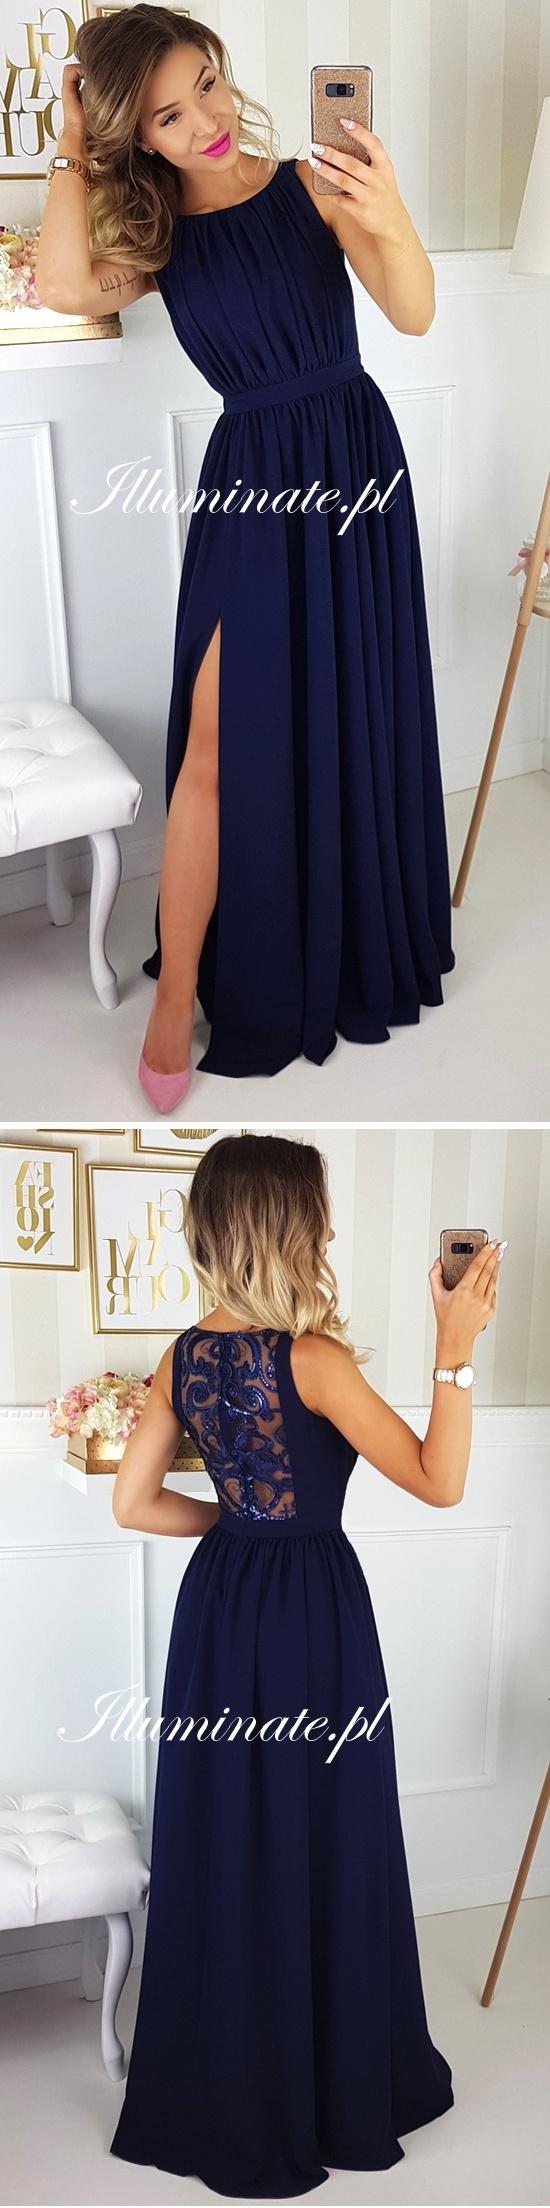 Maxi suknia Illuminate <3 <3 <3